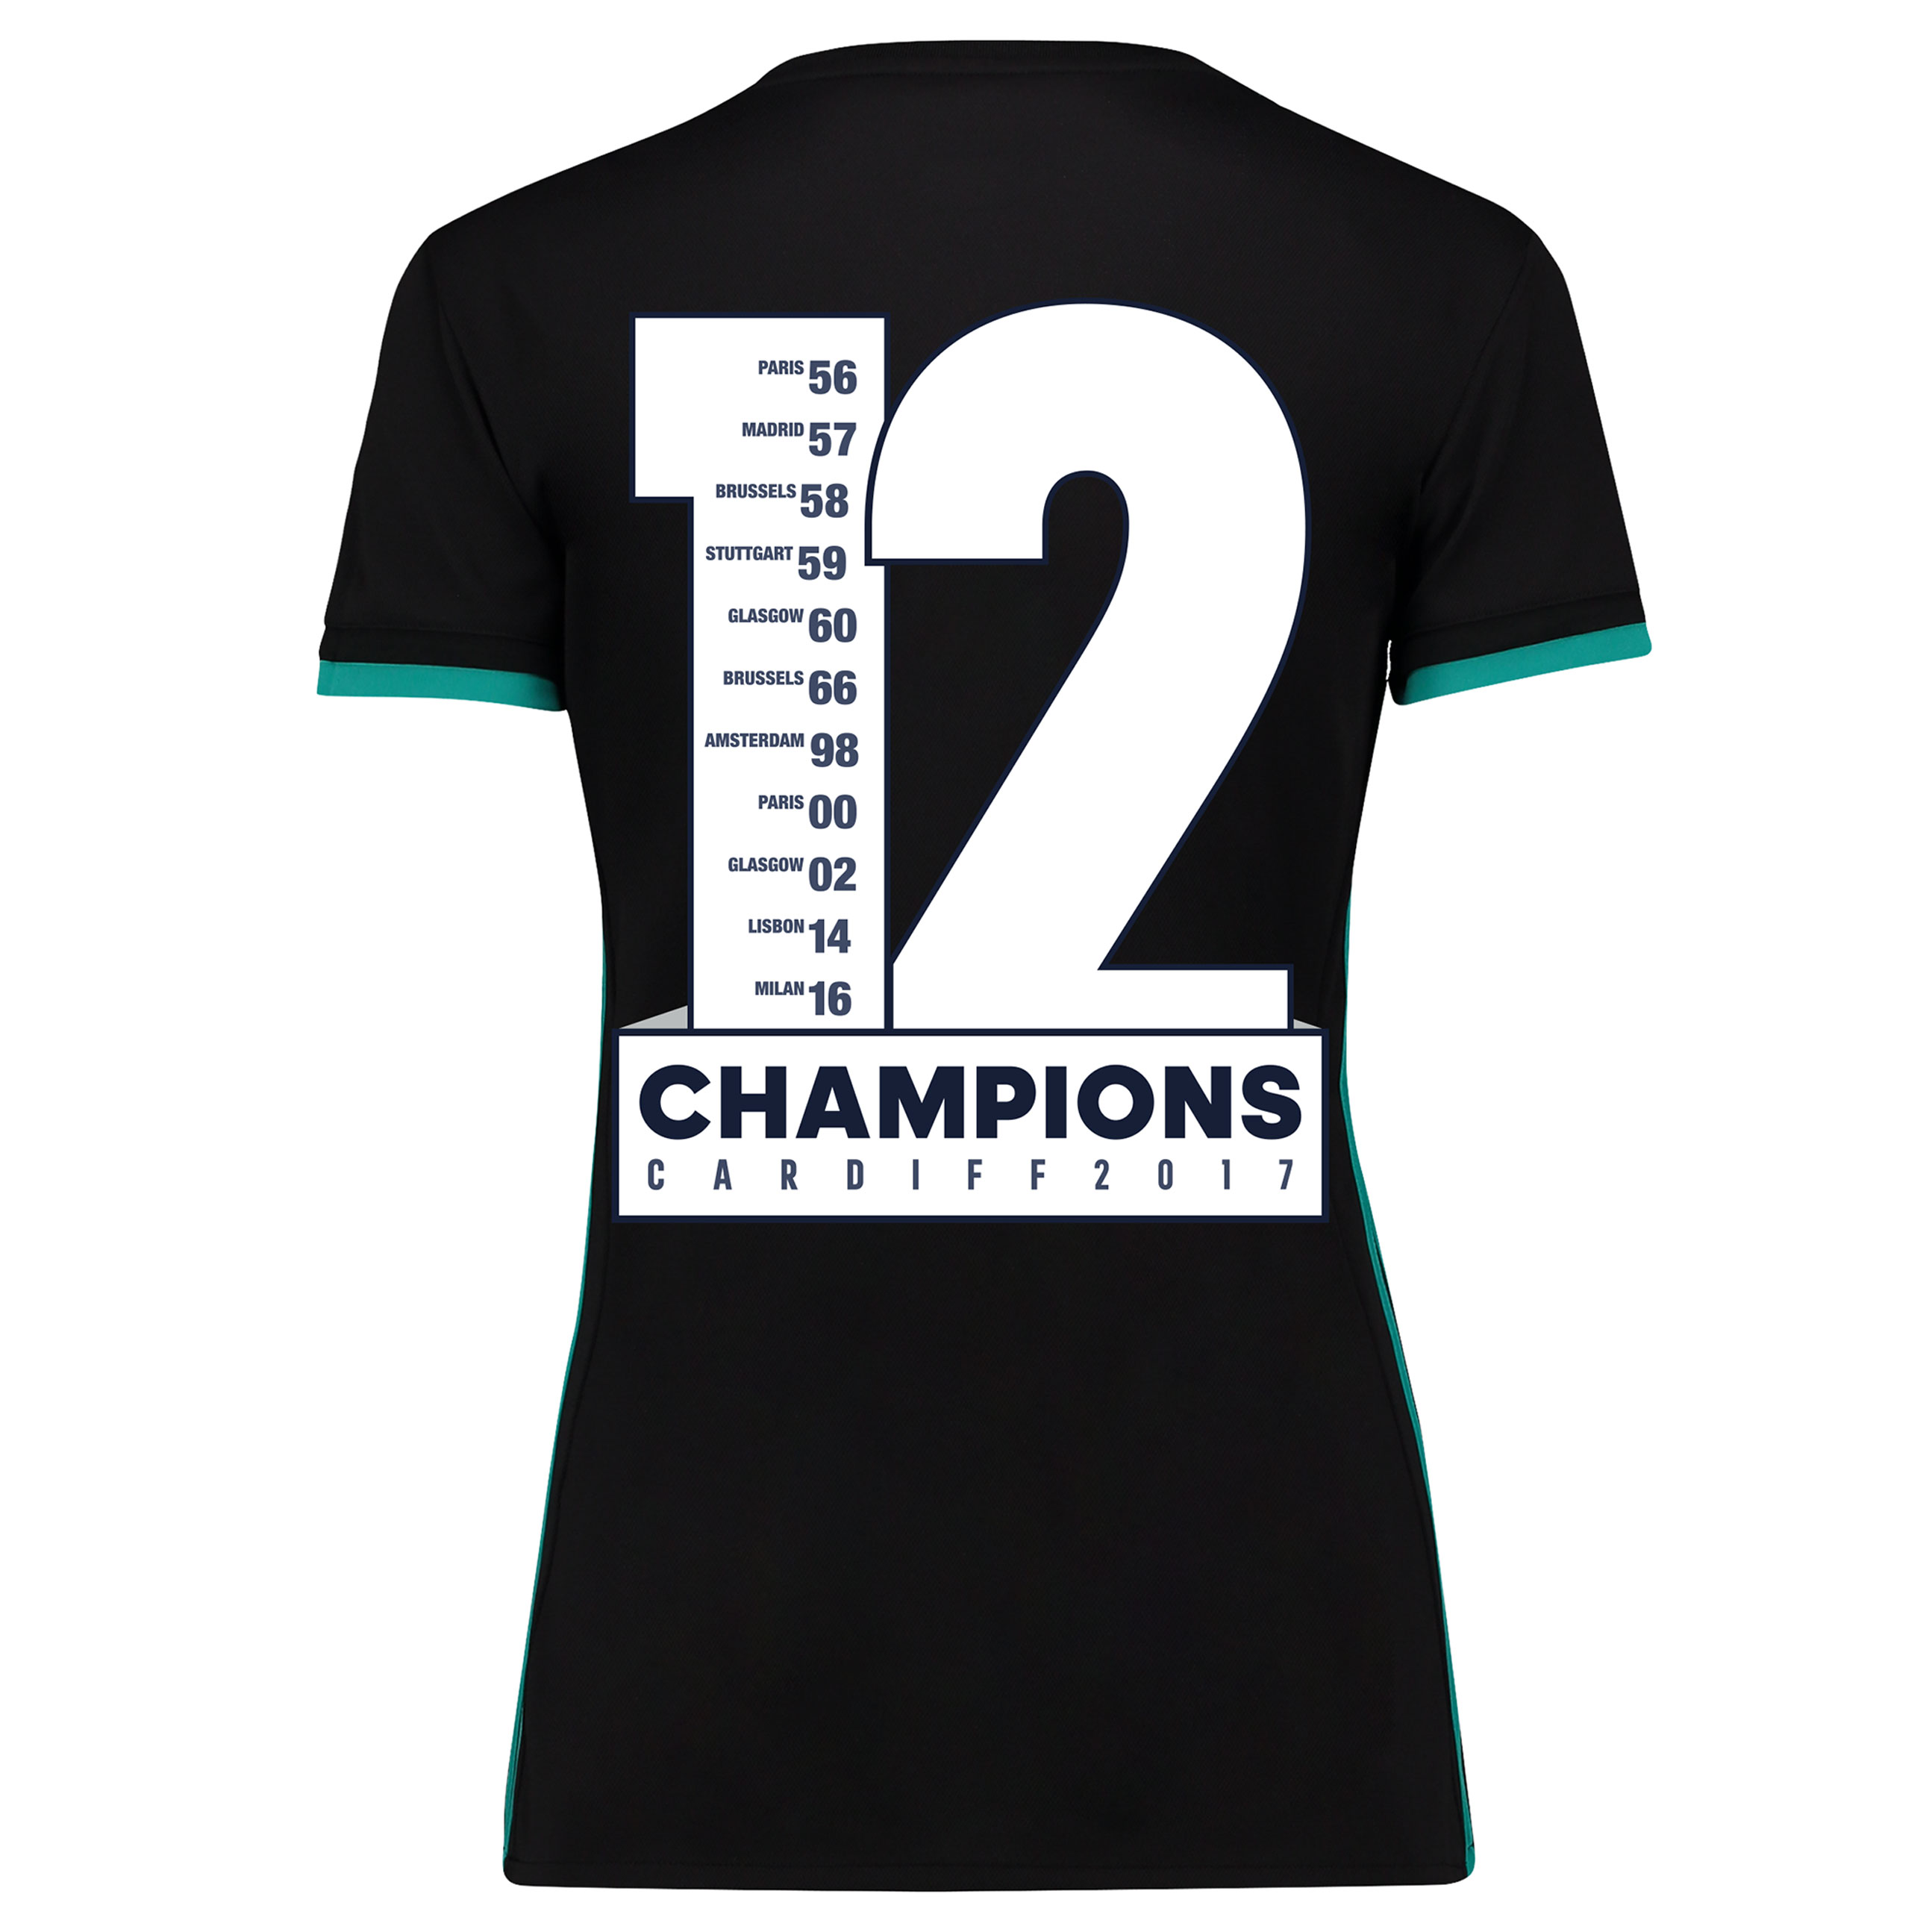 Camiseta de la 2ª equipación Real Madrid 2017/18 - Mujer con estampado Champions 12